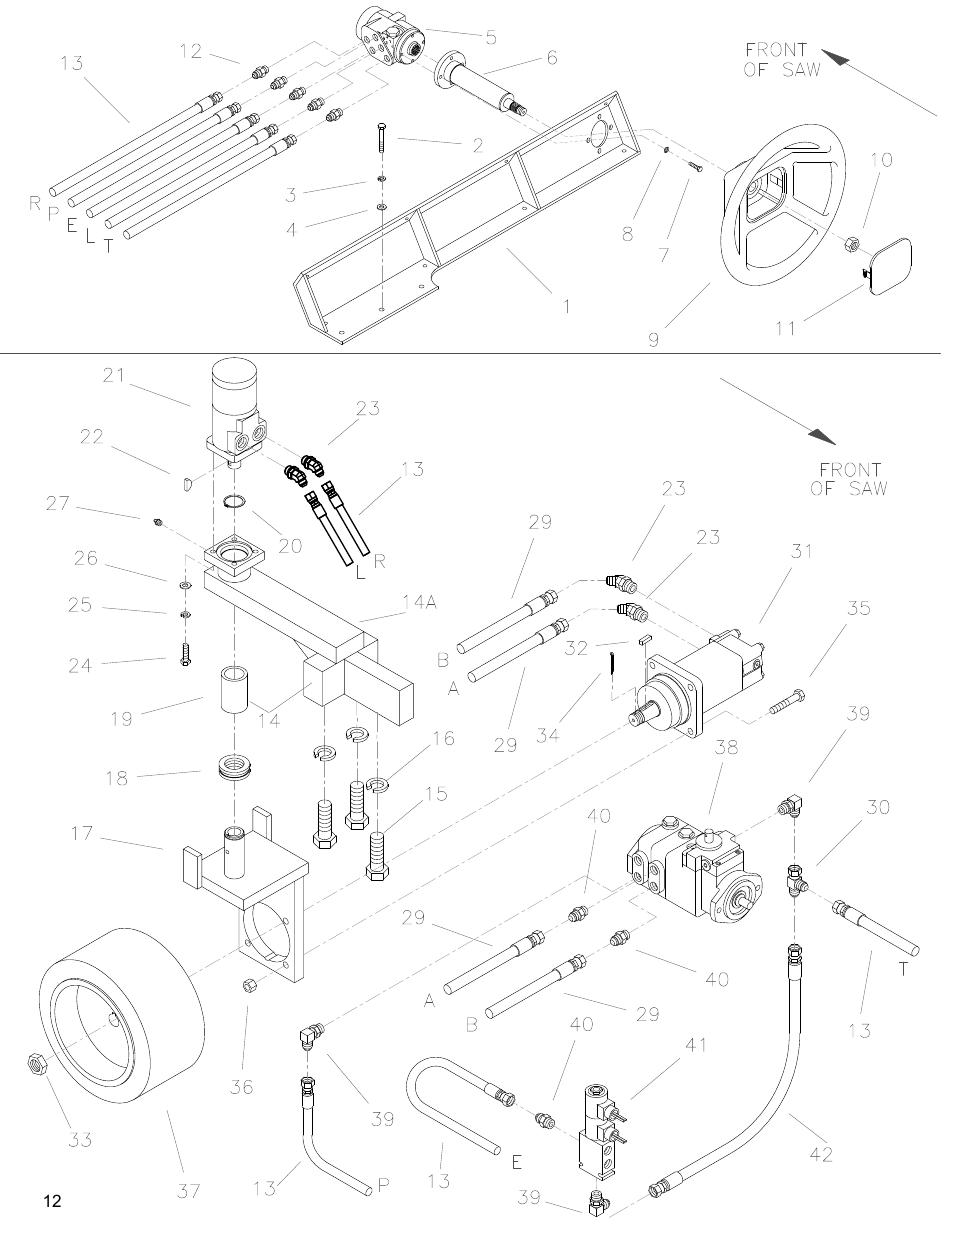 Power steering group, Drawing 5. power steering group